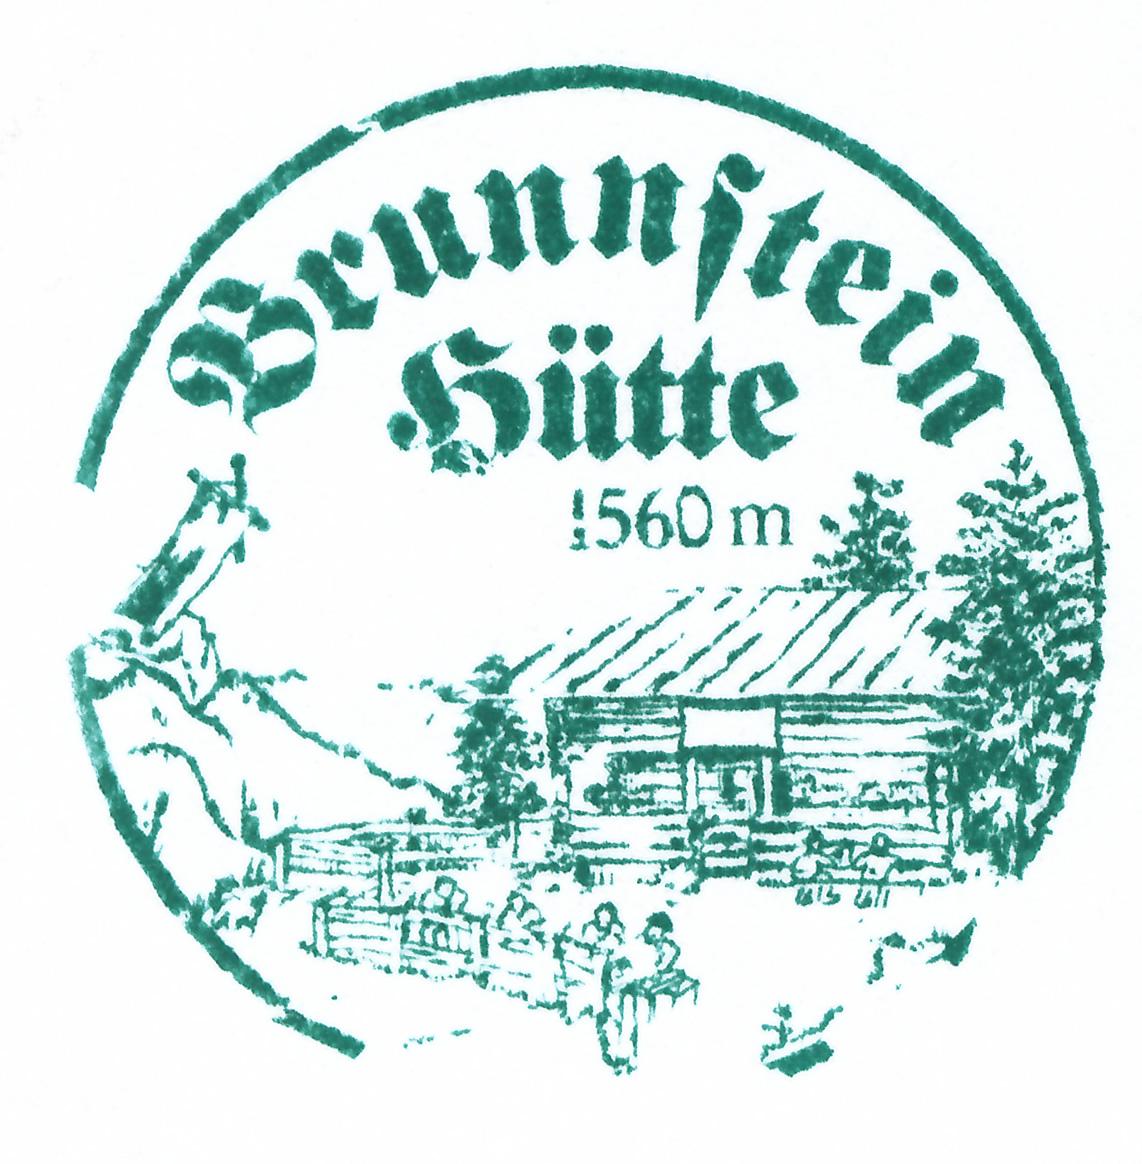 Brunnsteinhütte 1560m